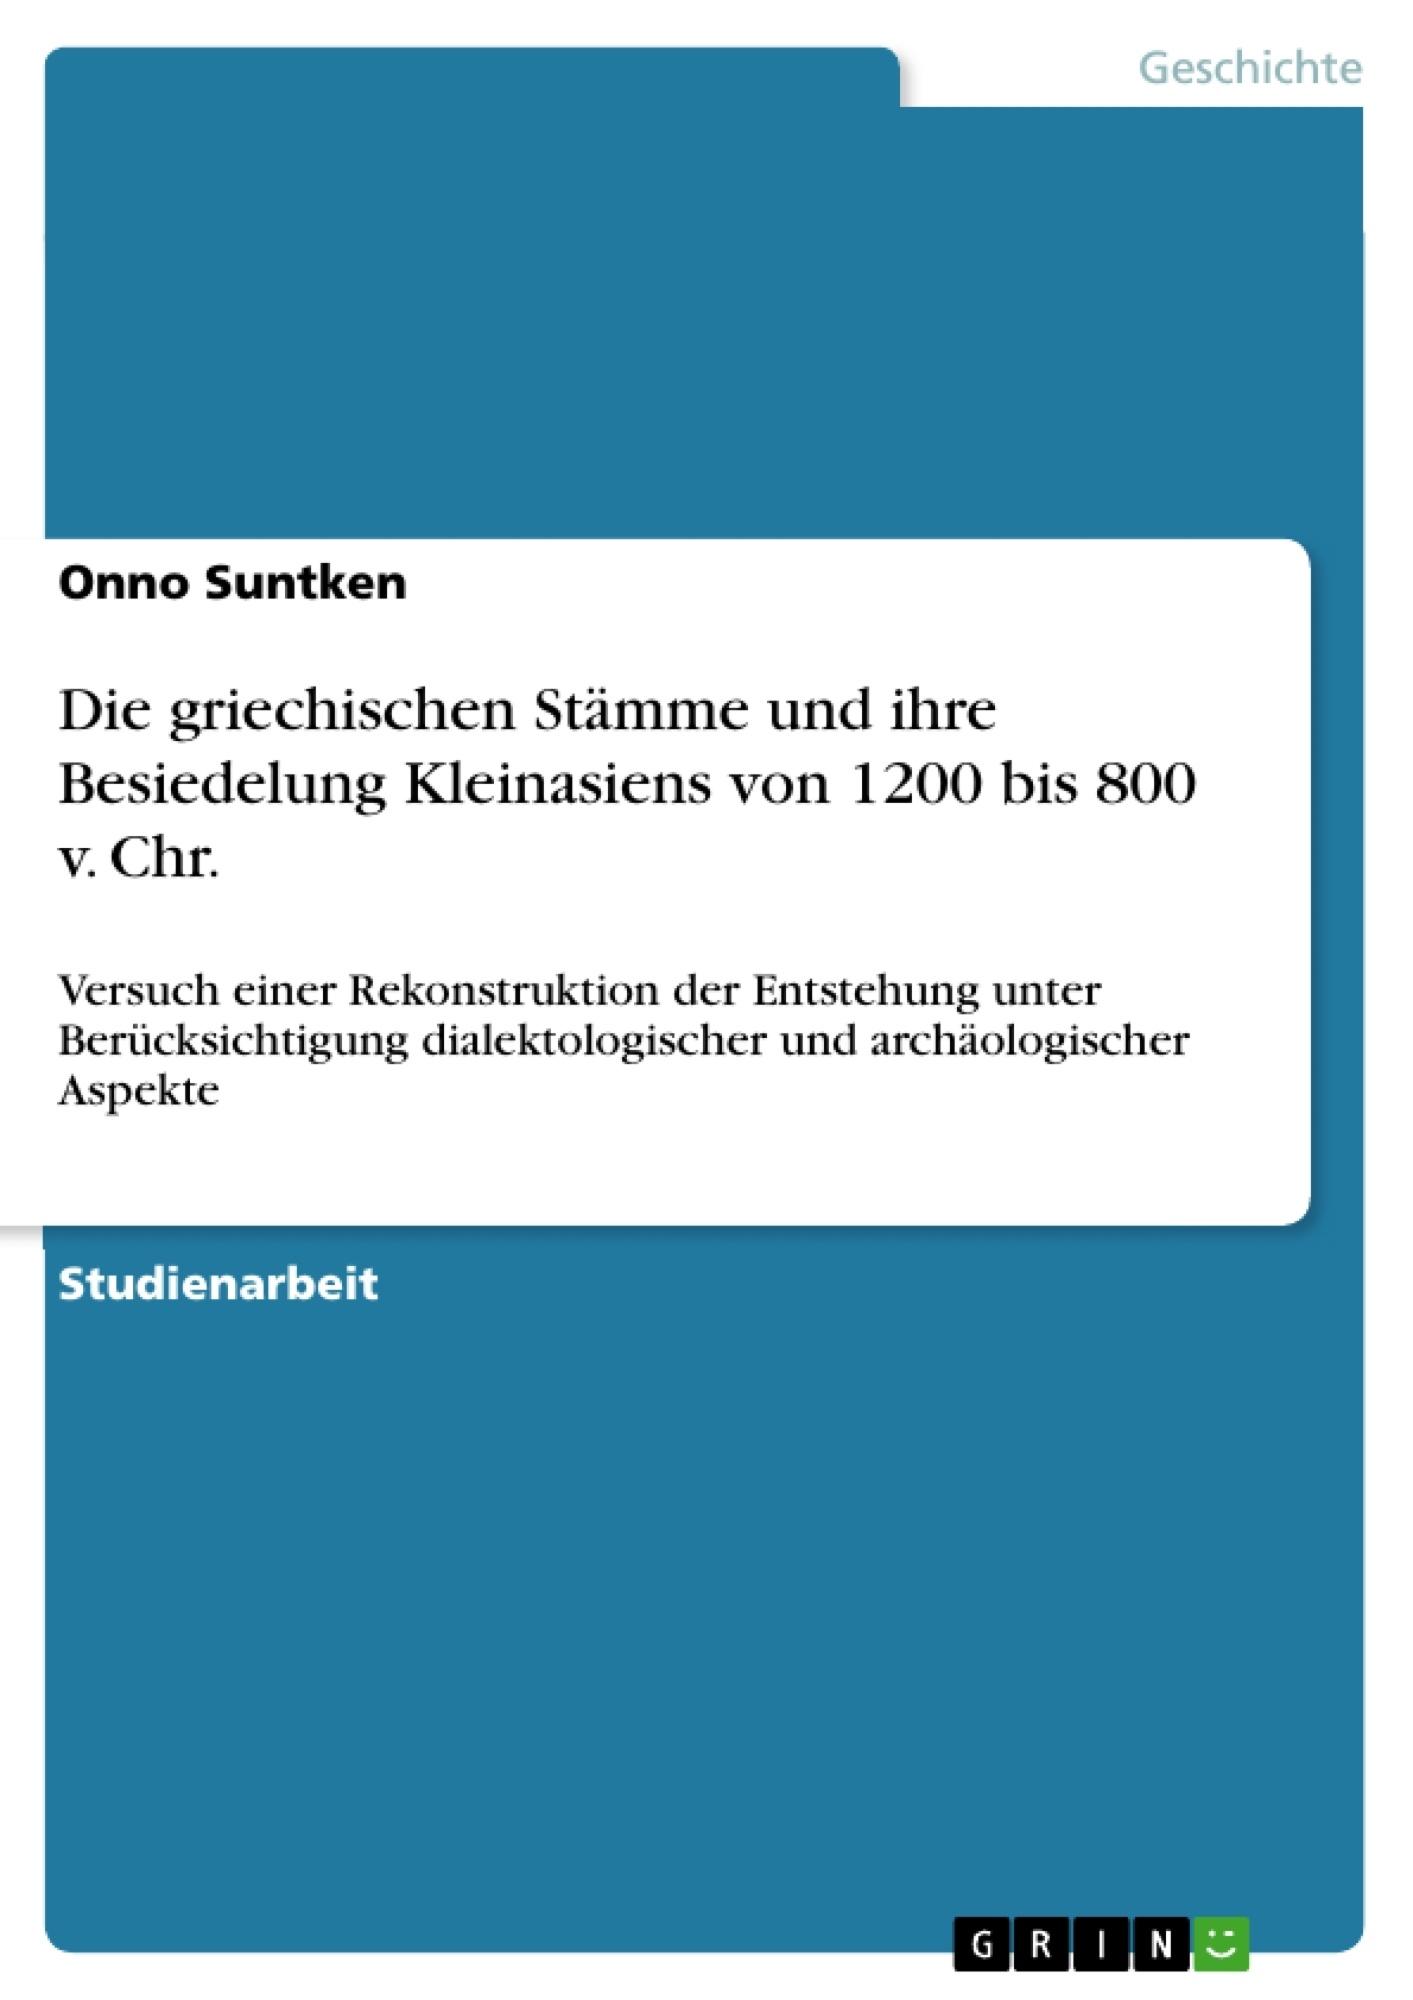 Titel: Die griechischen Stämme und ihre Besiedelung Kleinasiens von 1200 bis 800 v. Chr.